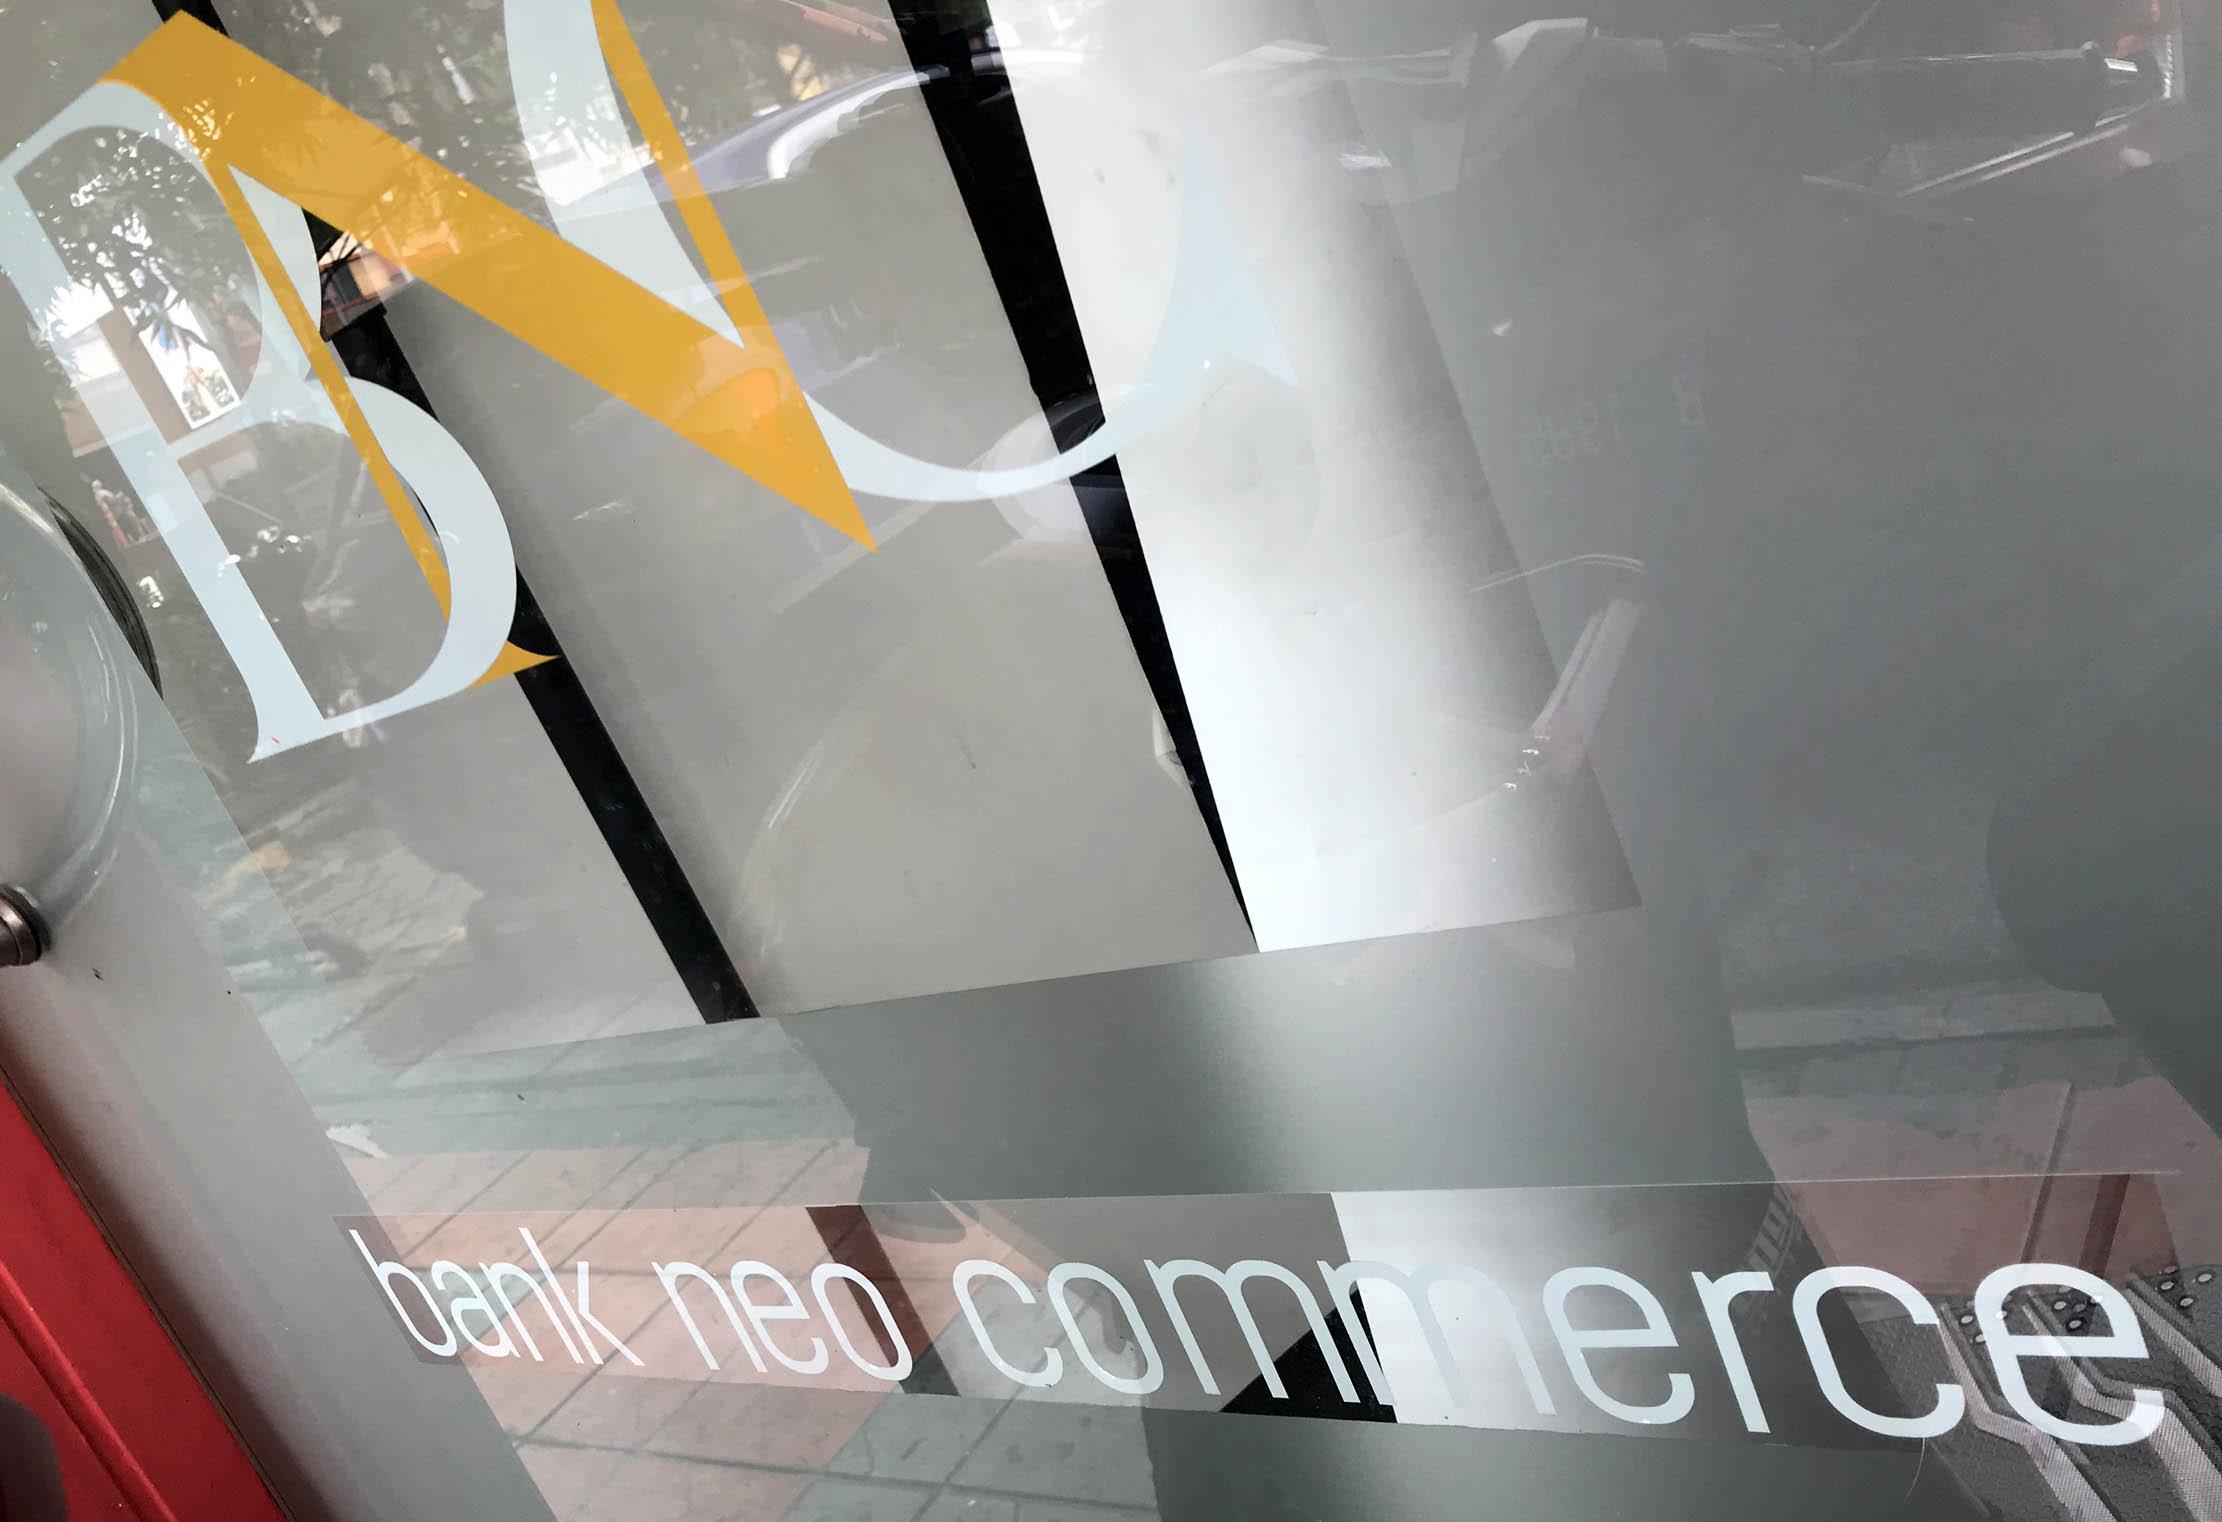 Tembus 10 Juta Unduhan, Bank Neo Commerce (BBYB) Pimpin Layanan Digital Banking Terpopuler